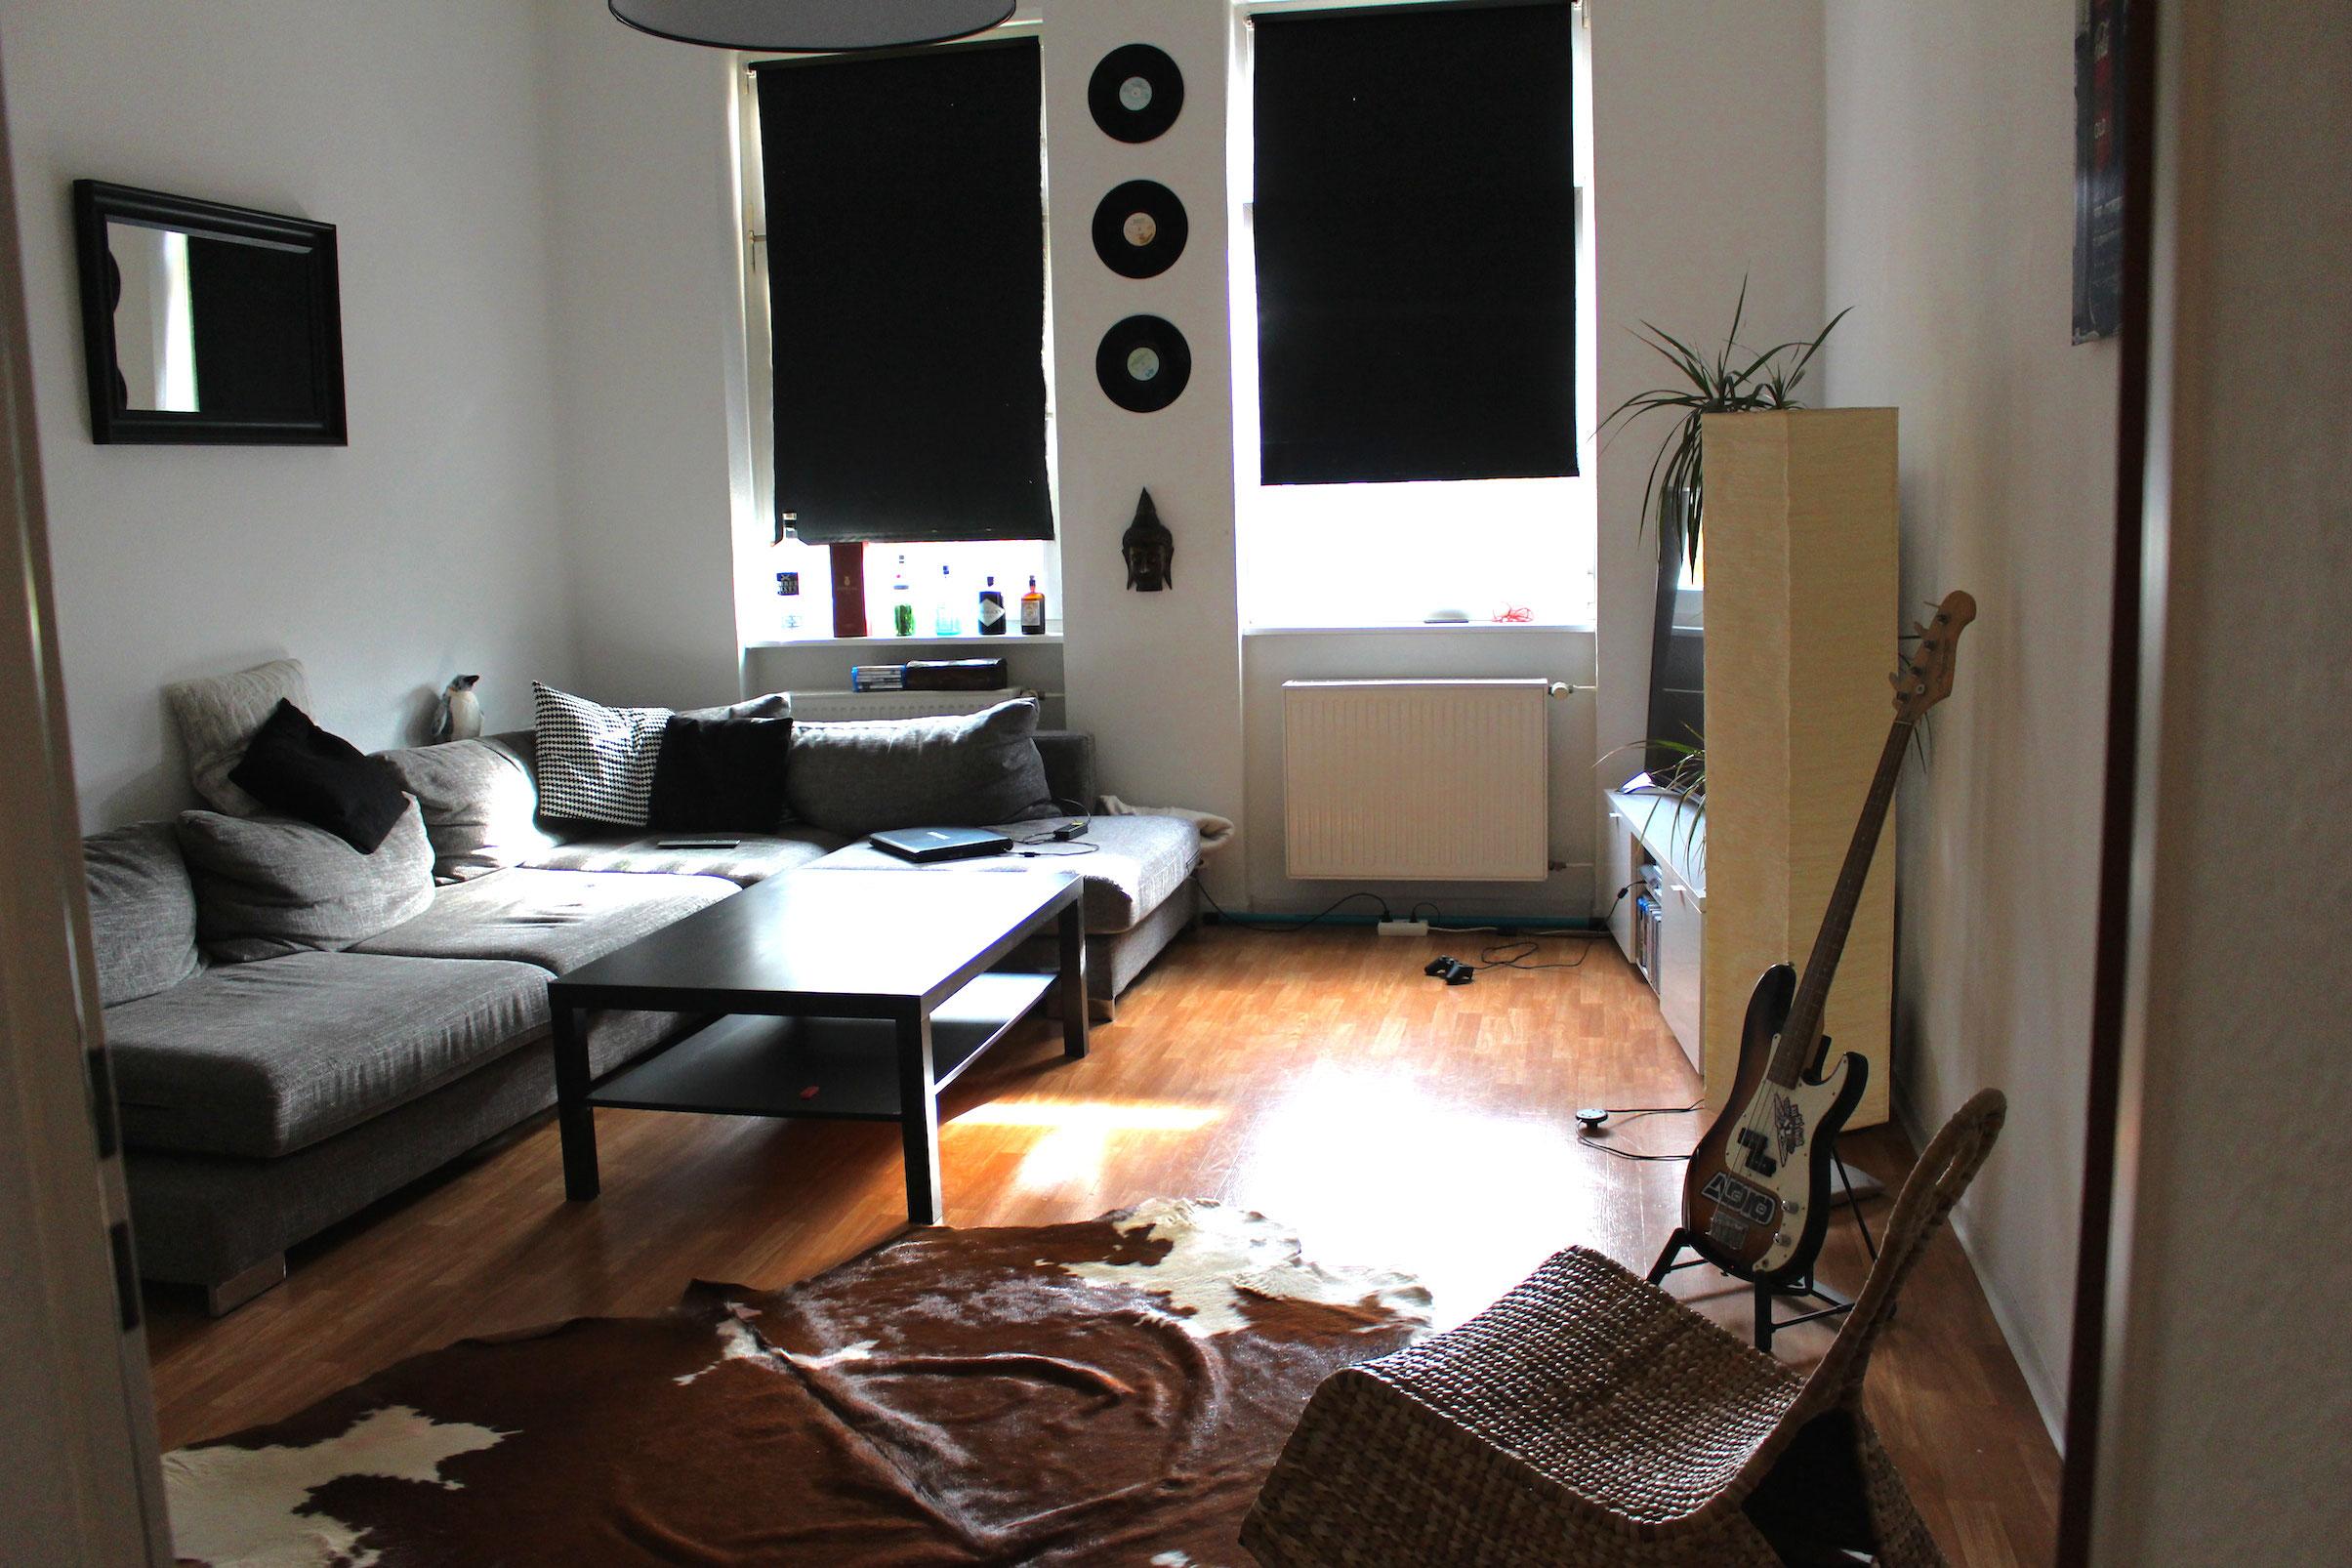 87qm groe 3 Zimmer Wohnung in guter zentraler Innenstadtlage  Westenberger Immobilien